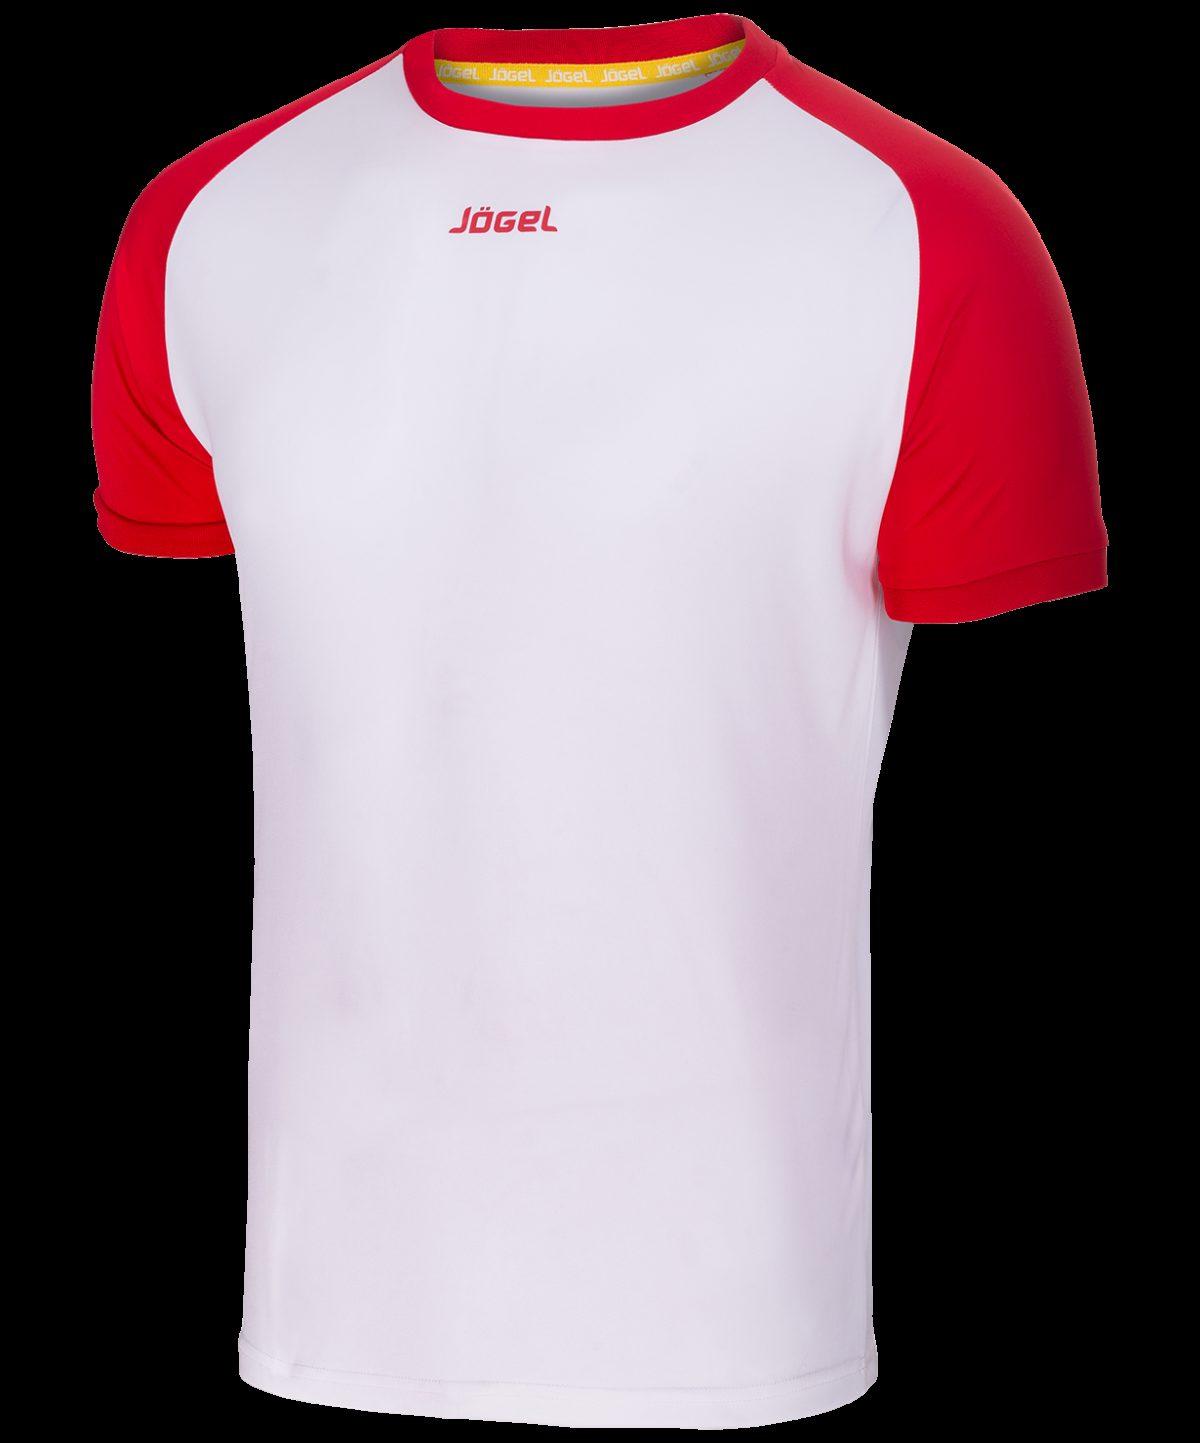 JOGEL Футболка футбольная, белый/красный   JFT-1011-012 - 2